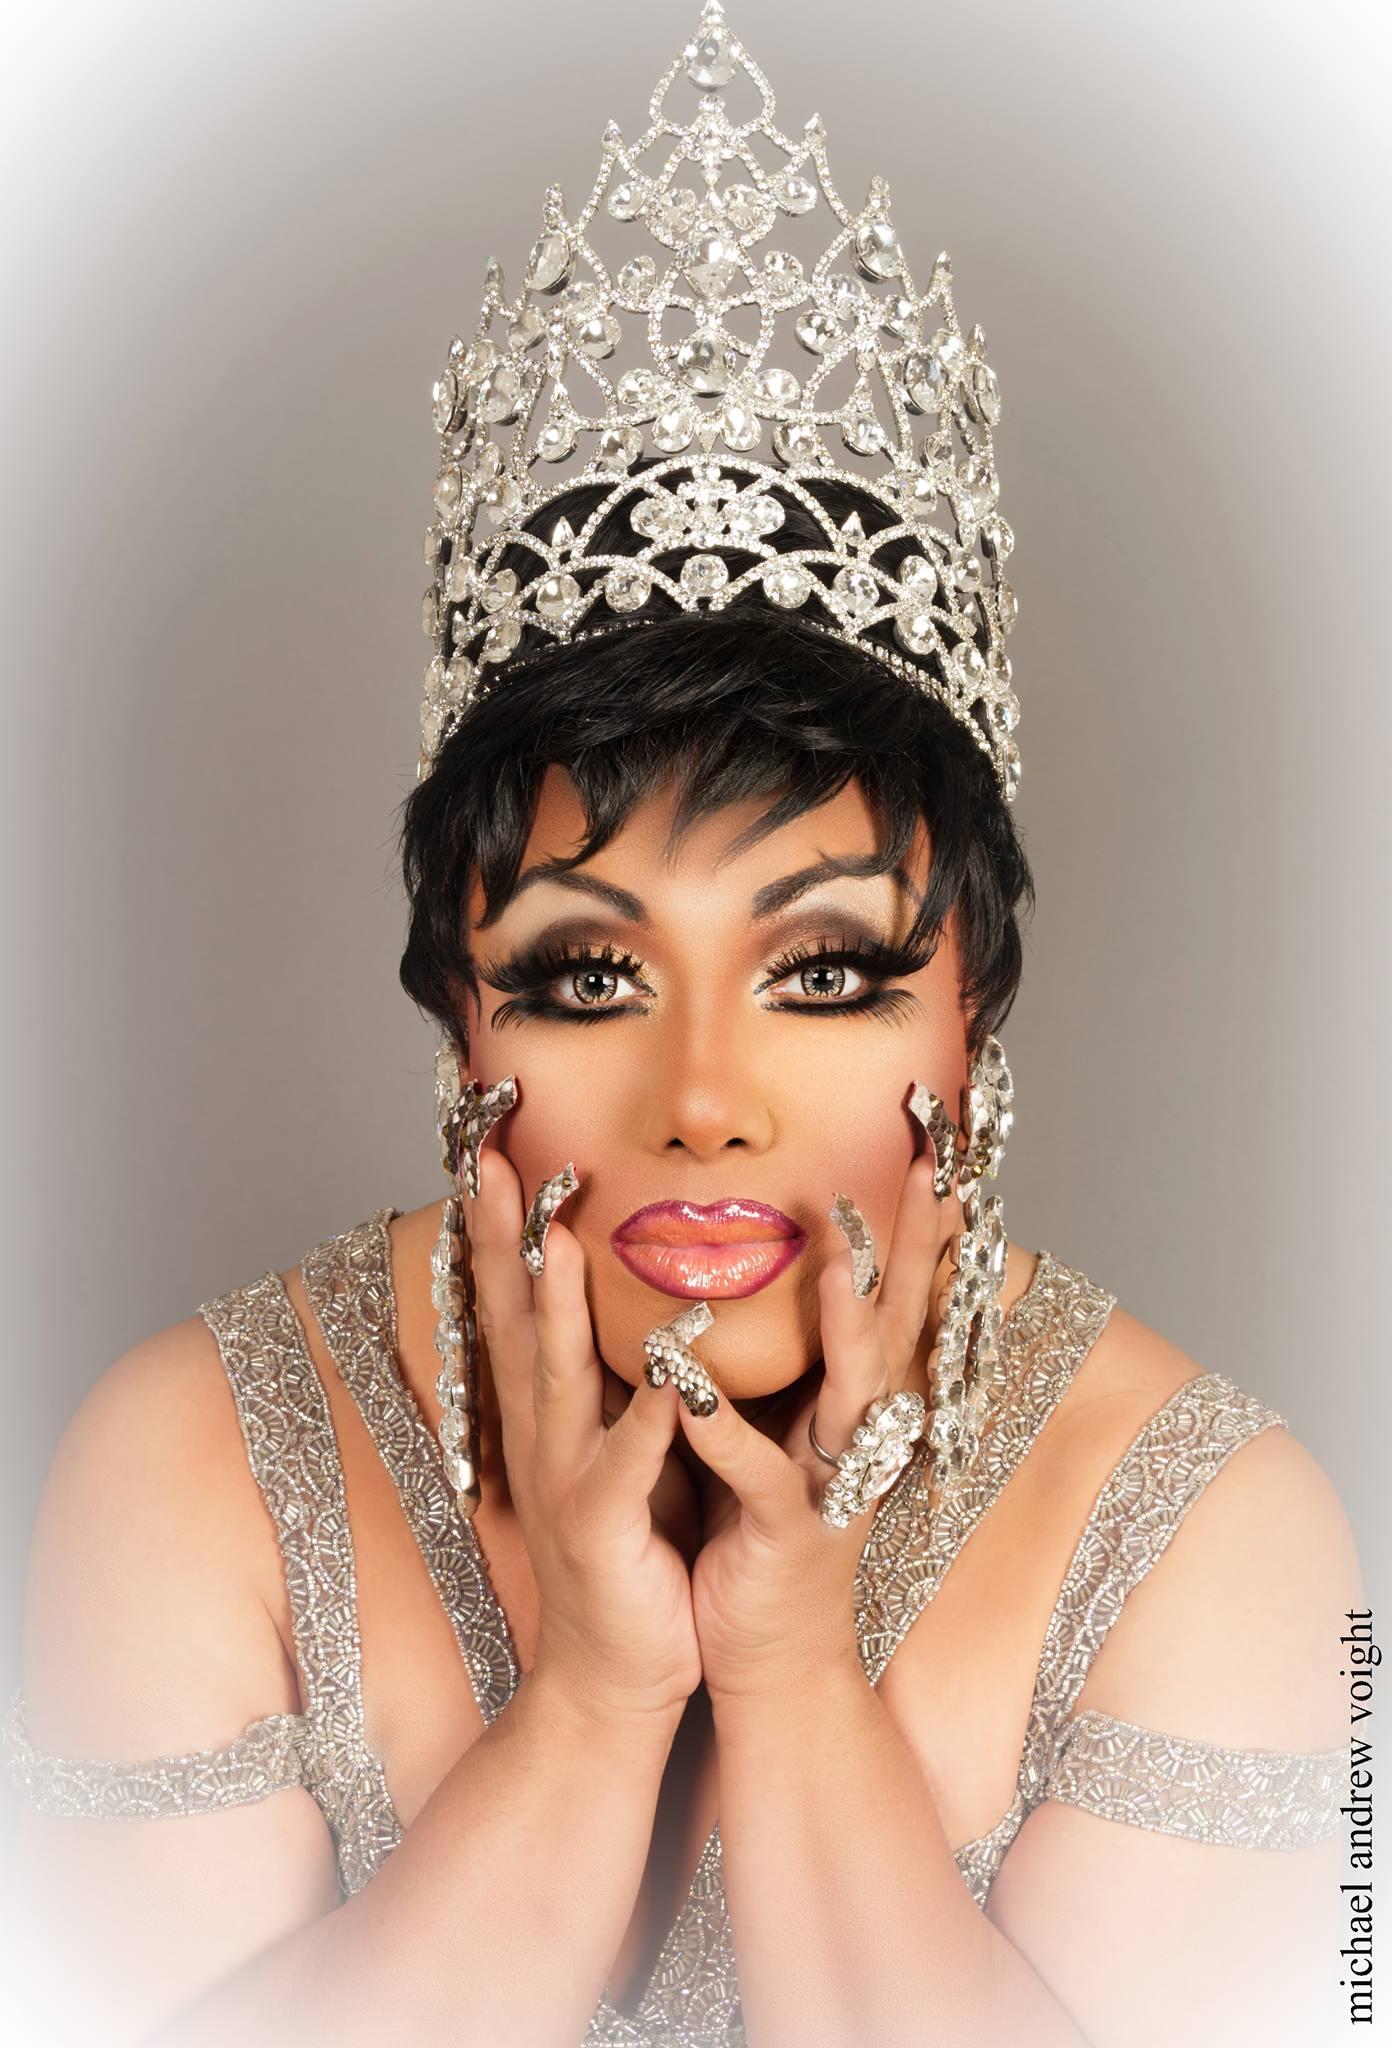 Miss Gay Texas Usofa 16